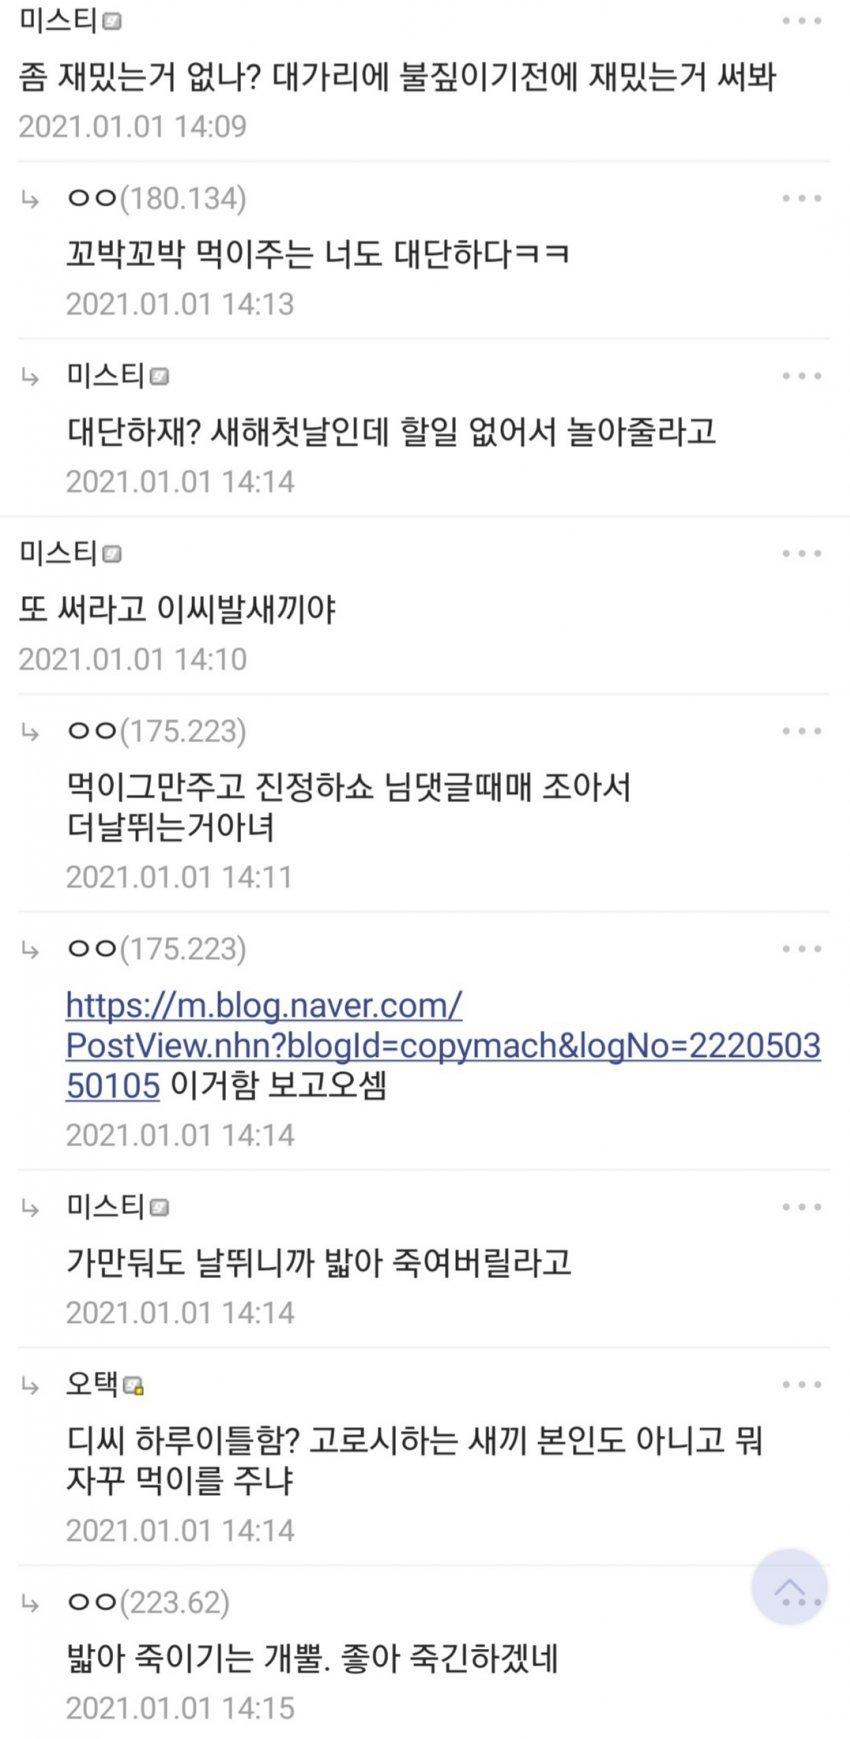 viewimage.php?id=39afd128f6d437b463bac4a6&no=24b0d769e1d32ca73dec82fa11d02831d5ca5516da218d33b13f2760b91e5b31cbfb577cf7c0826c559e0553ef3aaca909064d5ff8364f6a8009fd2dfac5f6badbae051903ea27e4fa14f17fbc5bc70ecca5d20542a10eb8ae3b0ff375362317259b364241b20704139bd5679fdc67